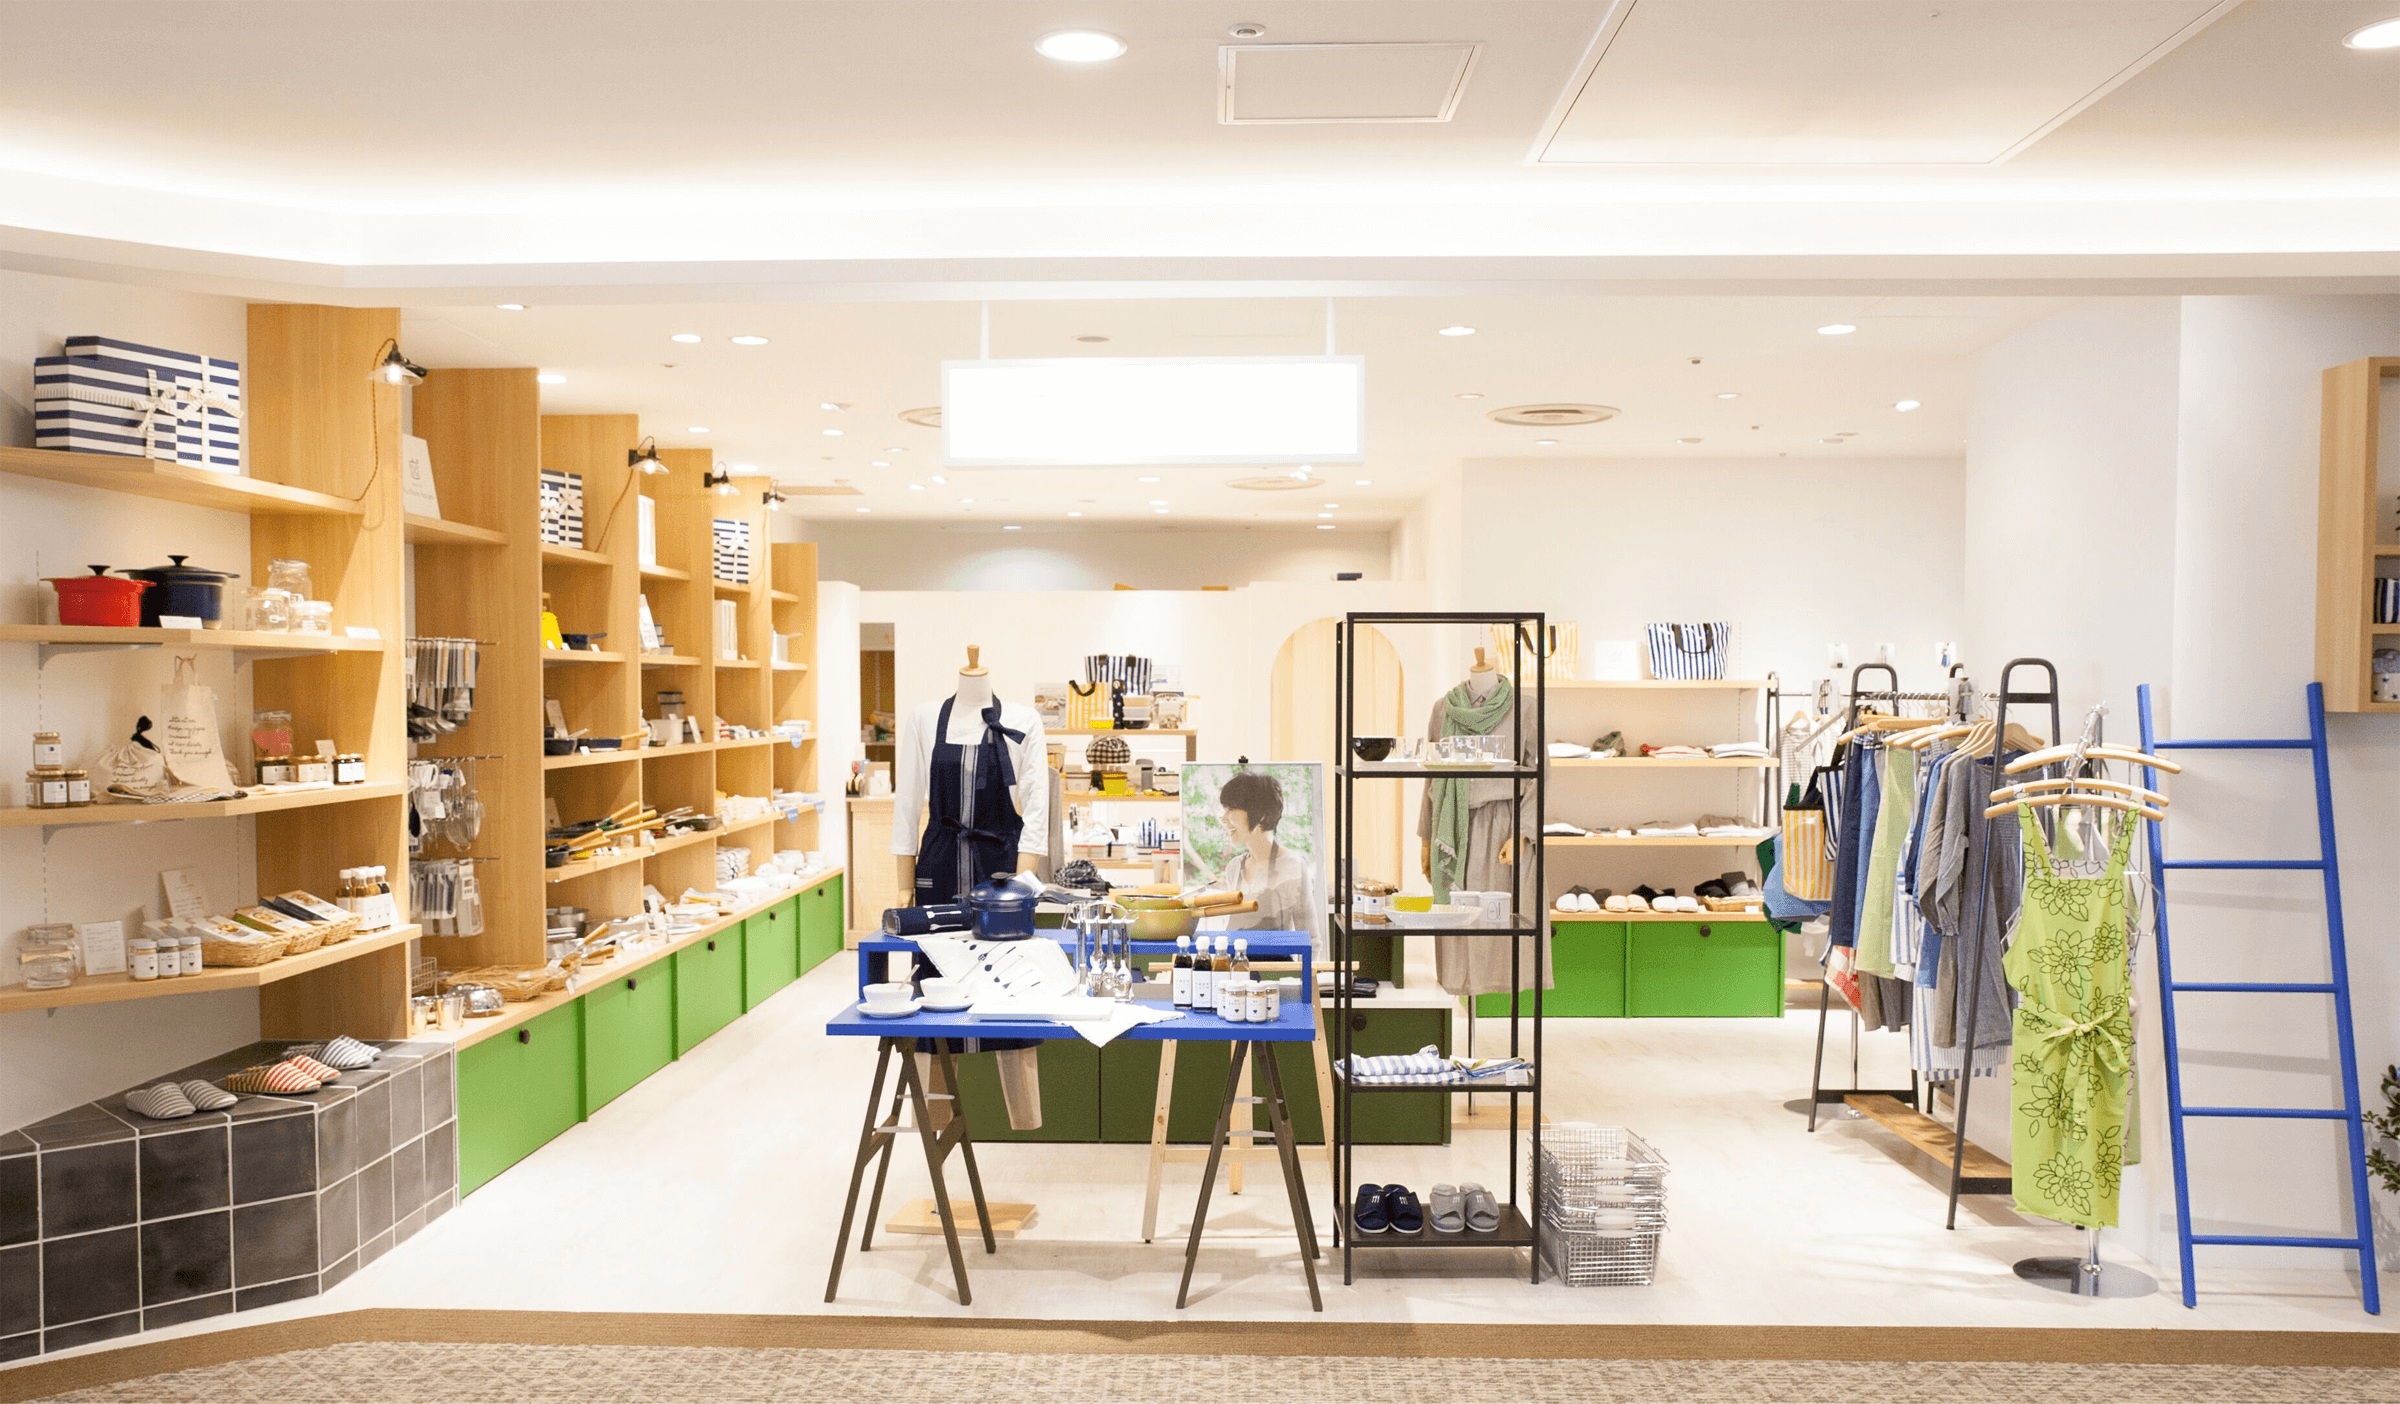 ゆとり の 空間 店舗